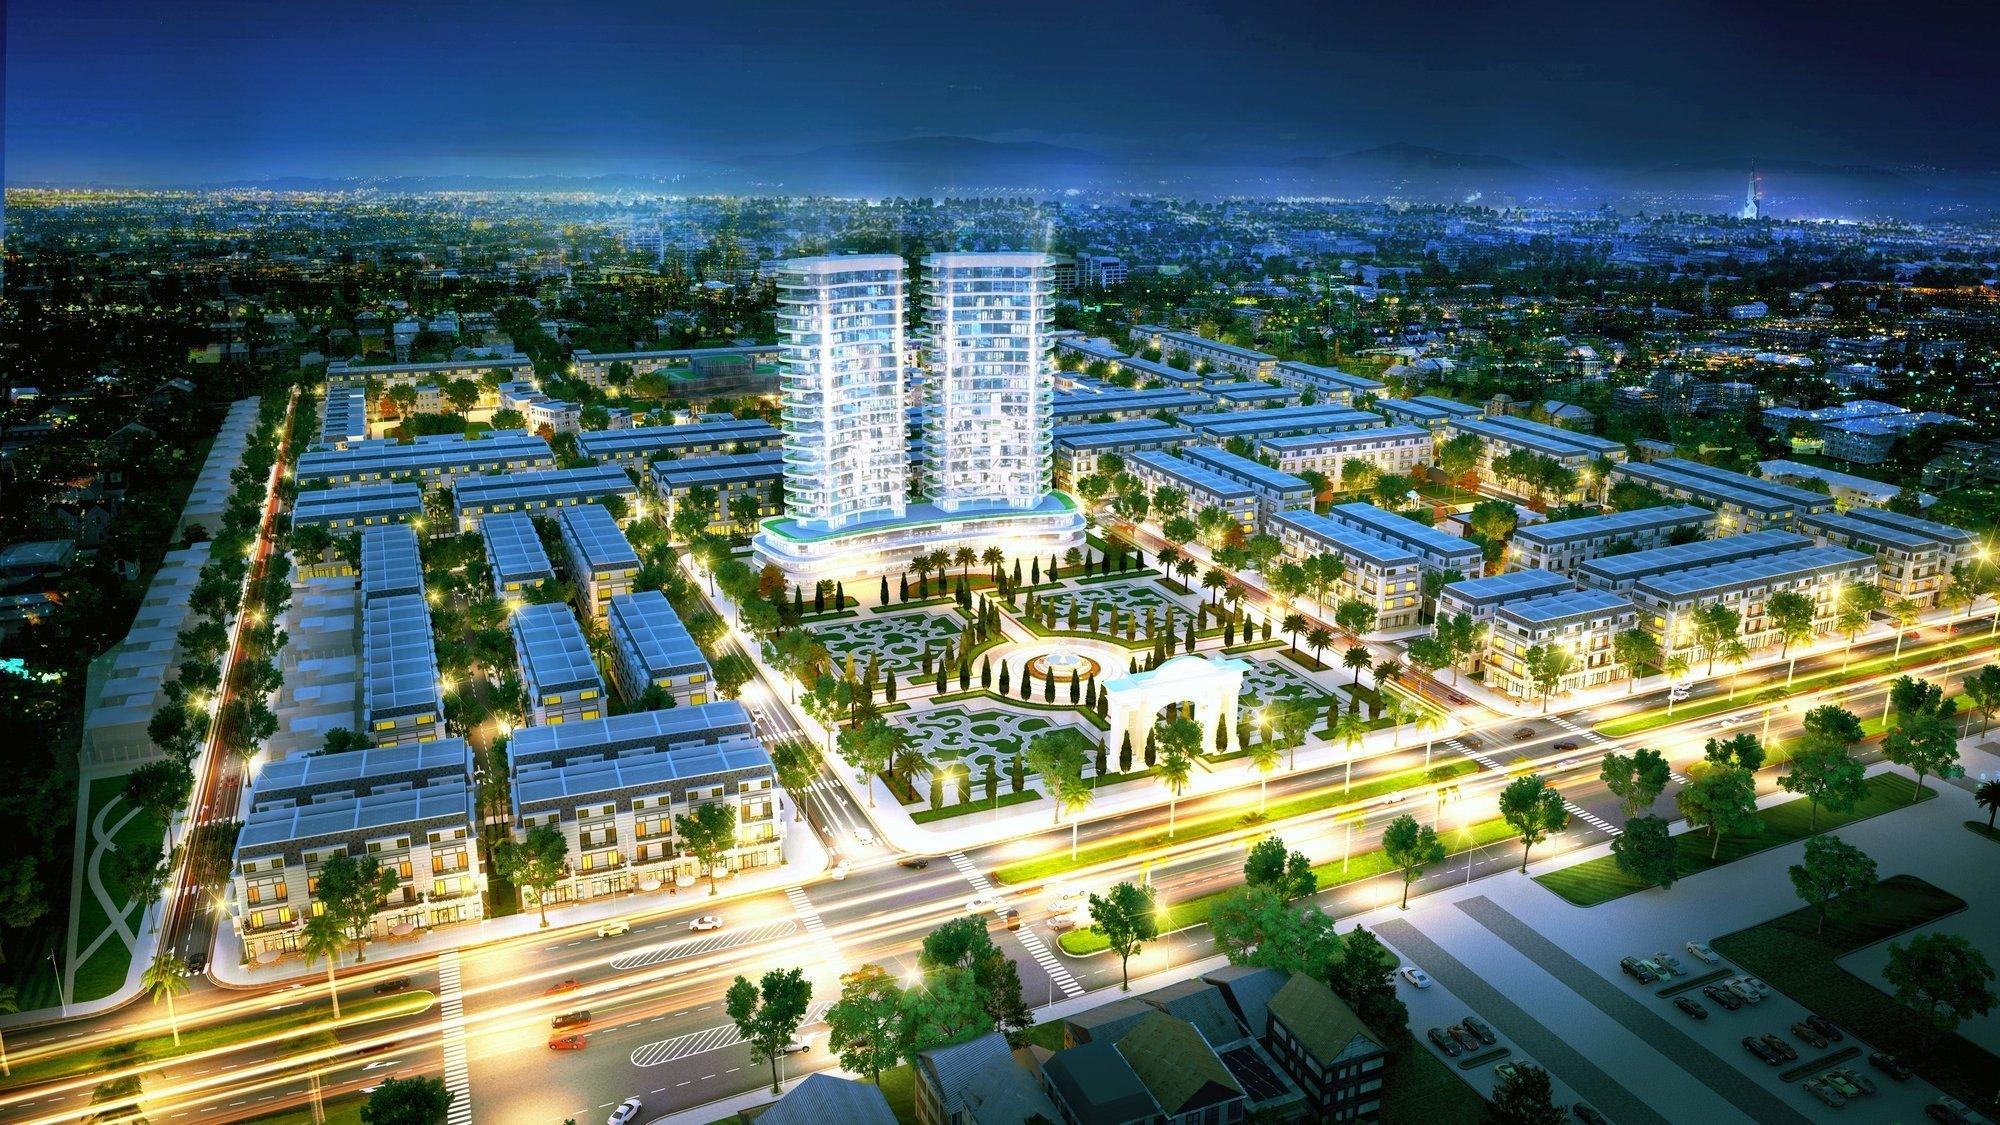 """Những dự án bất động sản tại Thành phố Hồ Chí Minh bị """"trì hoãn"""" tiến độ  cần lắm một giải pháp tháo gỡ - BlogAnChoi"""